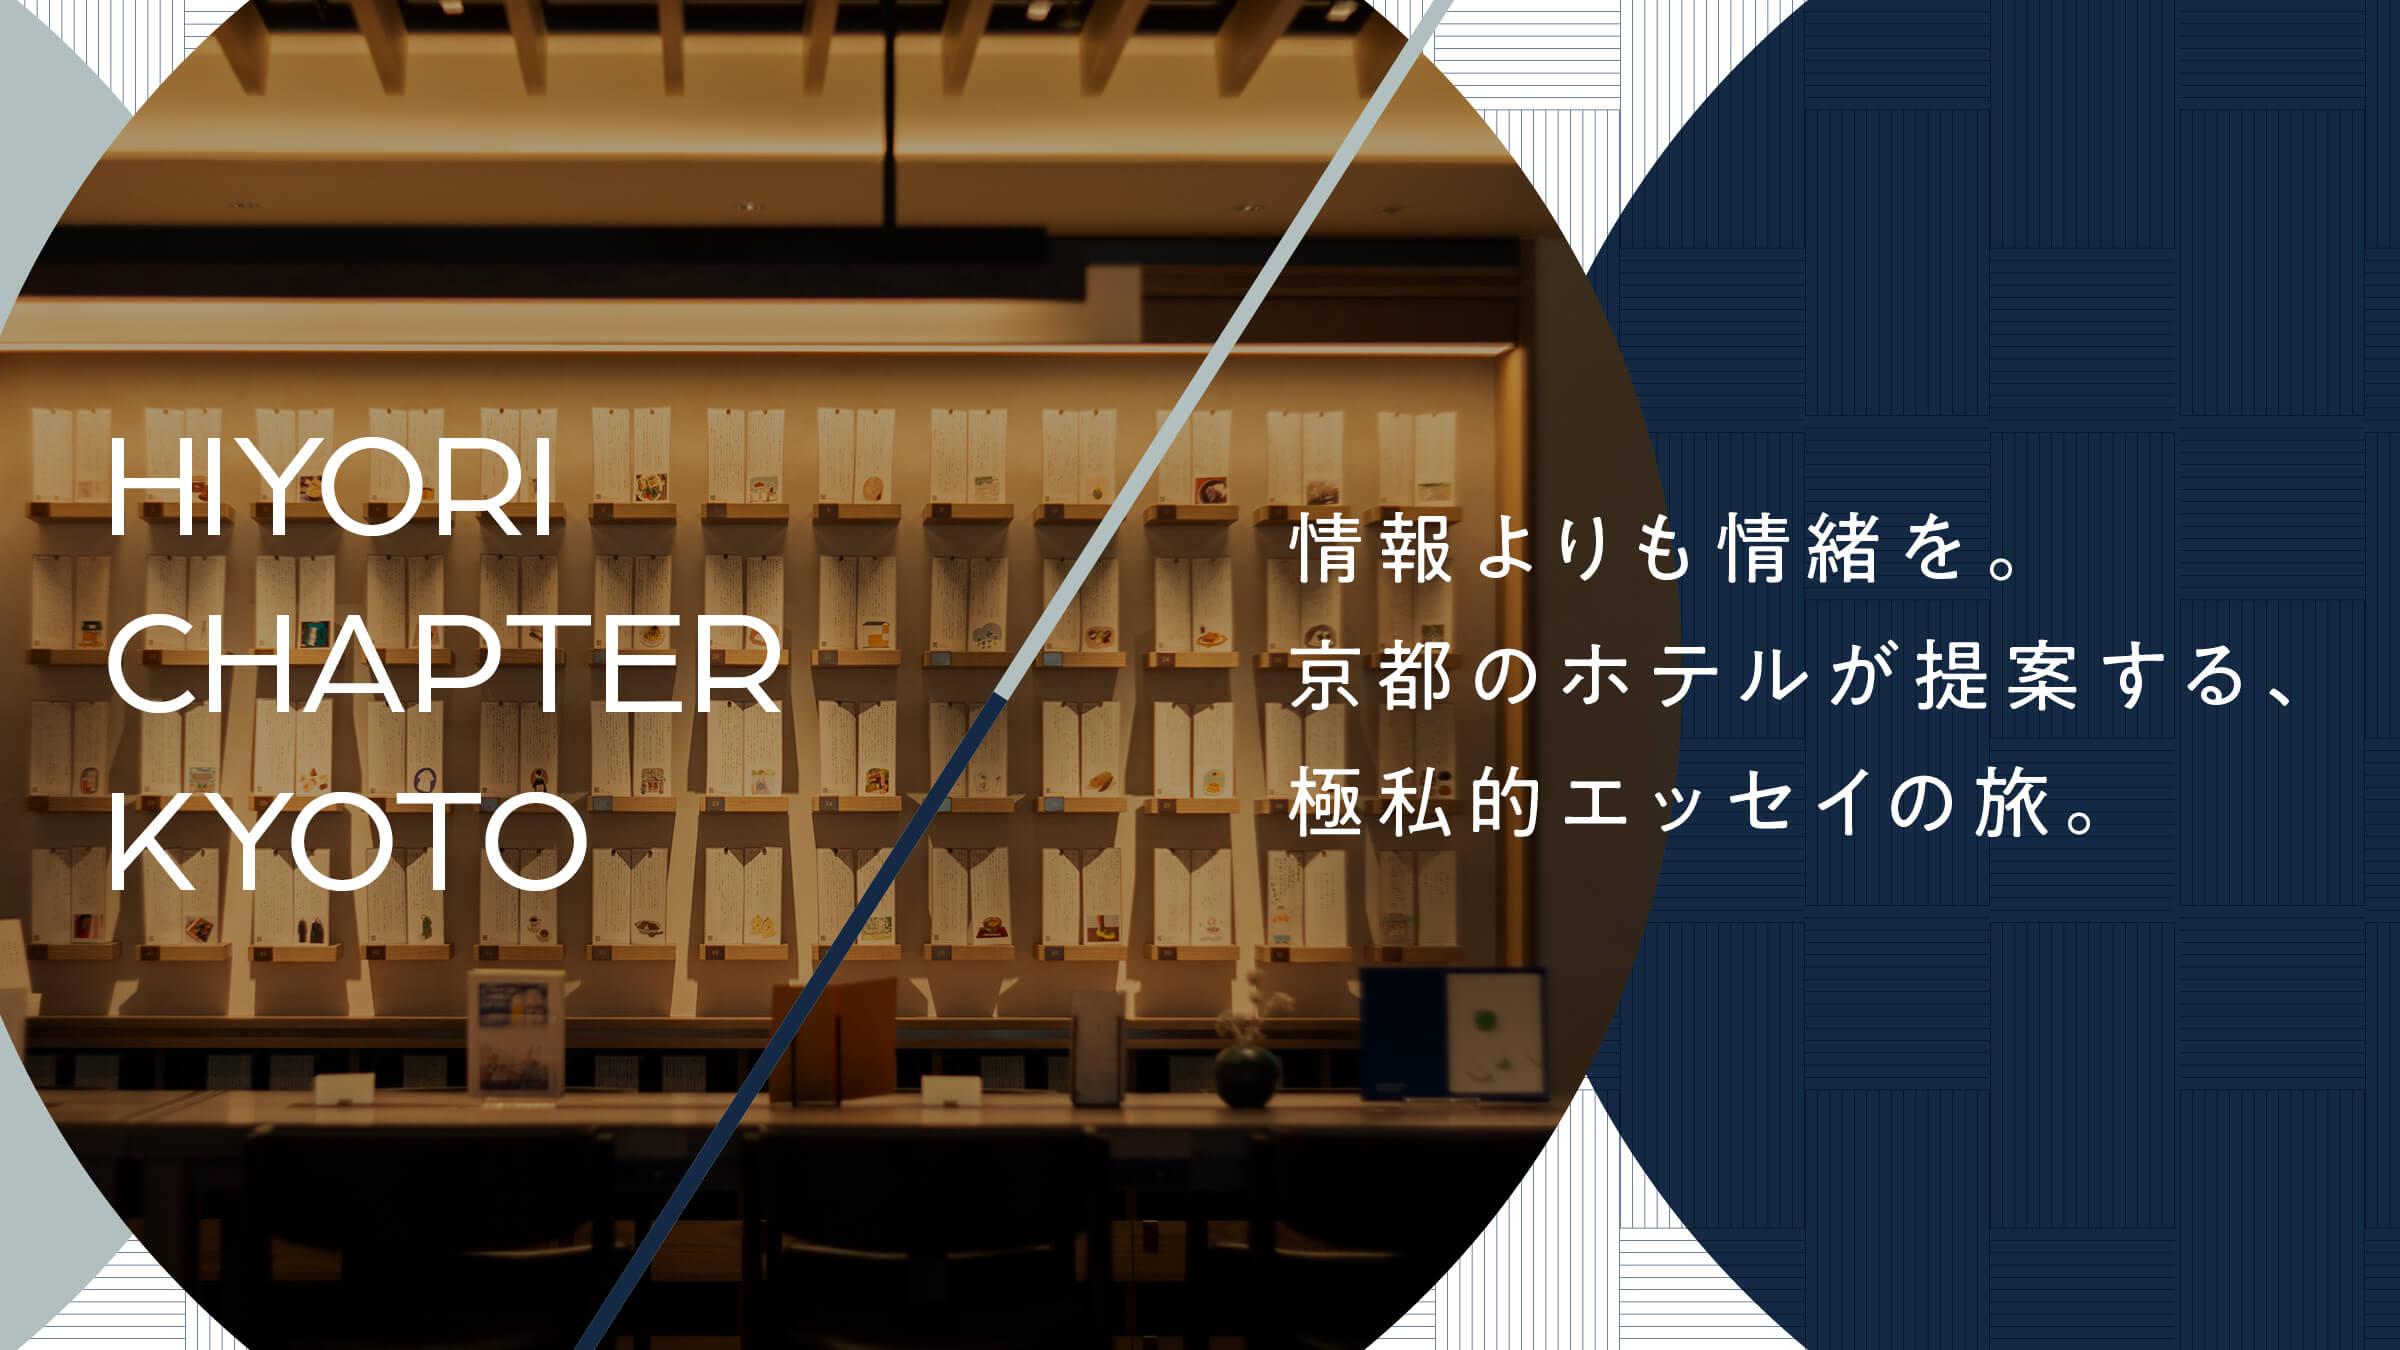 情報よりも情緒を。京都のホテルが提案する、極私的エッセイの旅。